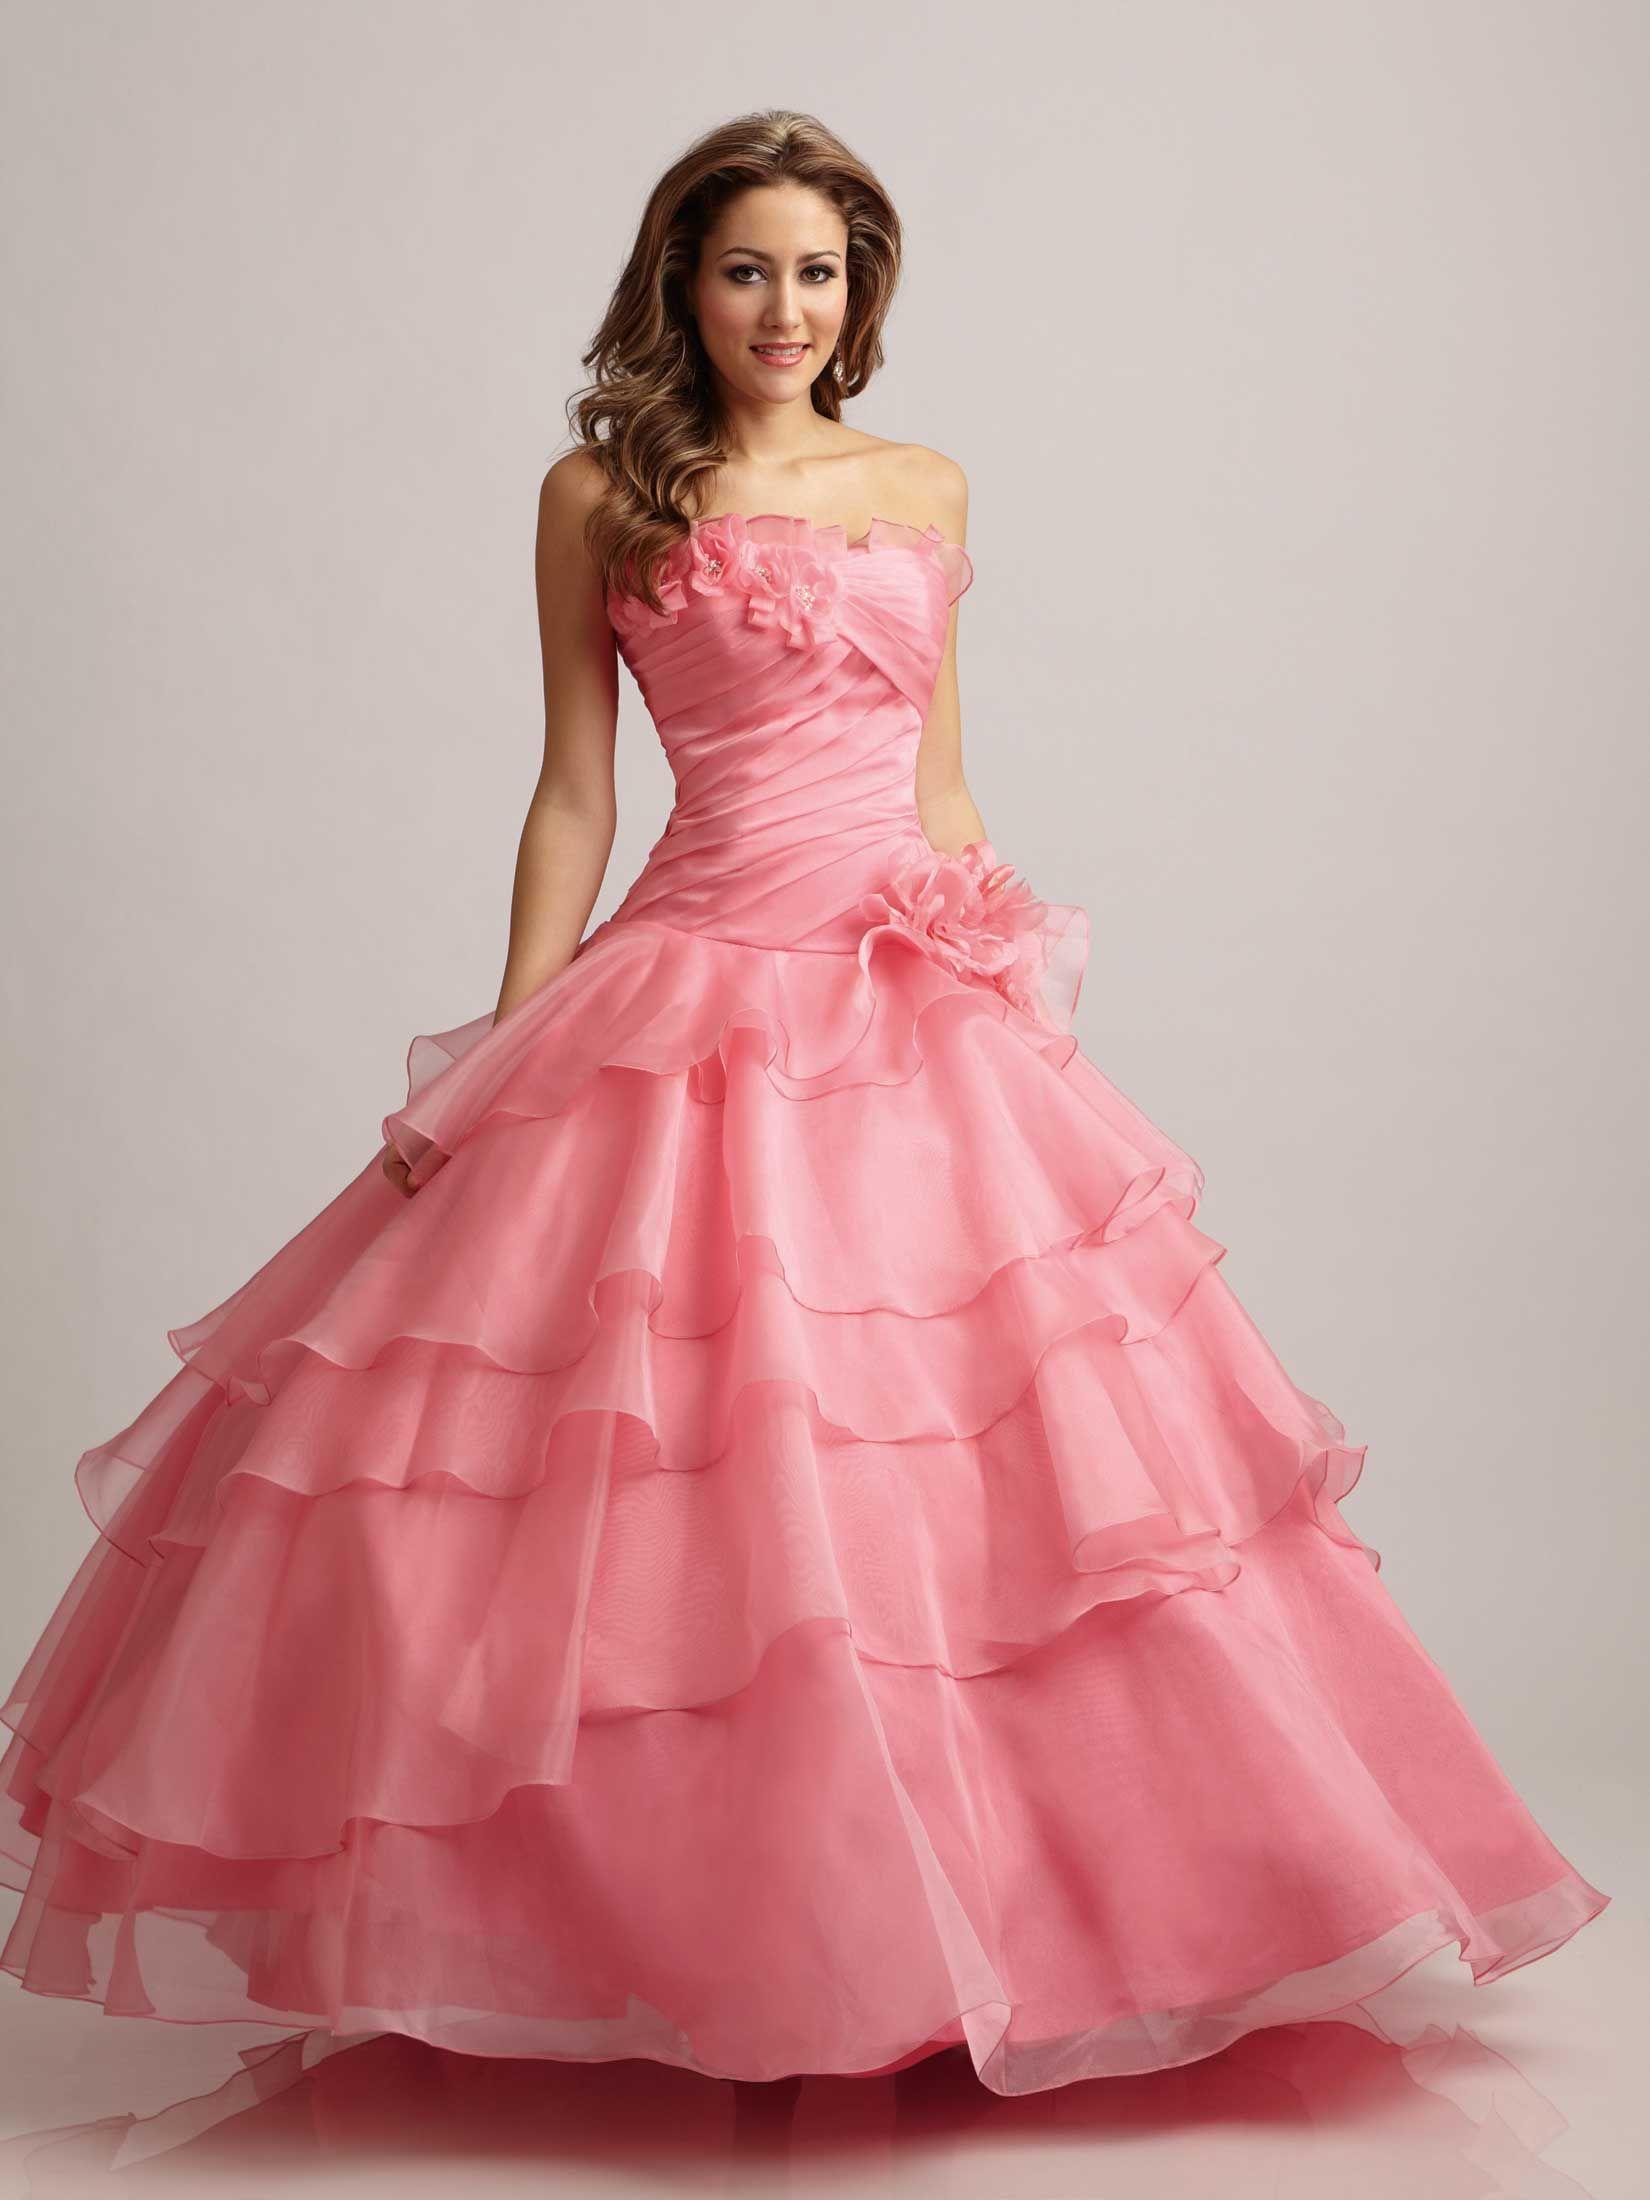 Uma garota e seu jeans: O vestido de 15 anos | Dress | Pinterest ...